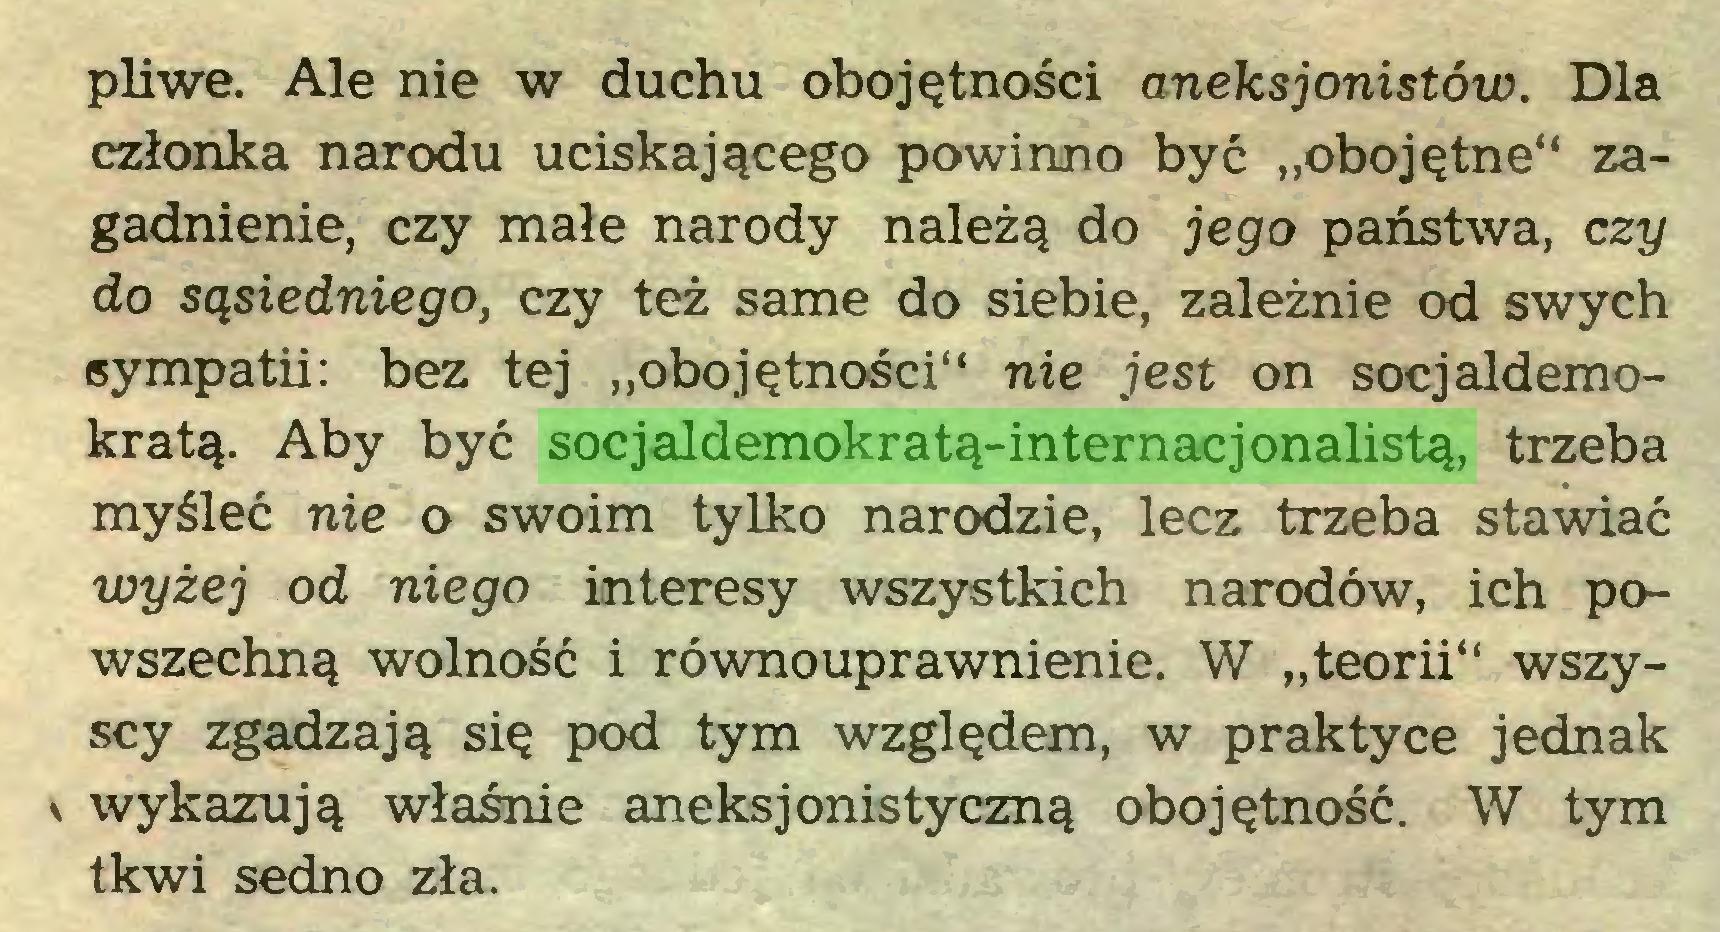 """(...) pliwe. Ale nie w duchu obojętności aneks jonistów. Dla członka narodu uciskającego powinno być """"obojętne"""" zagadnienie, czy małe narody należą do jego państwa, czy do sąsiedniego, czy też same do siebie, zależnie od swych sympatii: bez tej """"obojętności"""" nie jest on socjaldemokratą. Aby być socjaldemokratą-internacjonalistą, trzeba myśleć nie o swoim tylko narodzie, lecz trzeba stawiać wyżej od niego interesy wszystkich narodów, ich powszechną wolność i równouprawnienie. W """"teorii"""" wszyscy zgadzają się pod tym względem, w praktyce jednak \ wykazują właśnie aneksjonistyczną obojętność. W tym tkwi sedno zła..."""